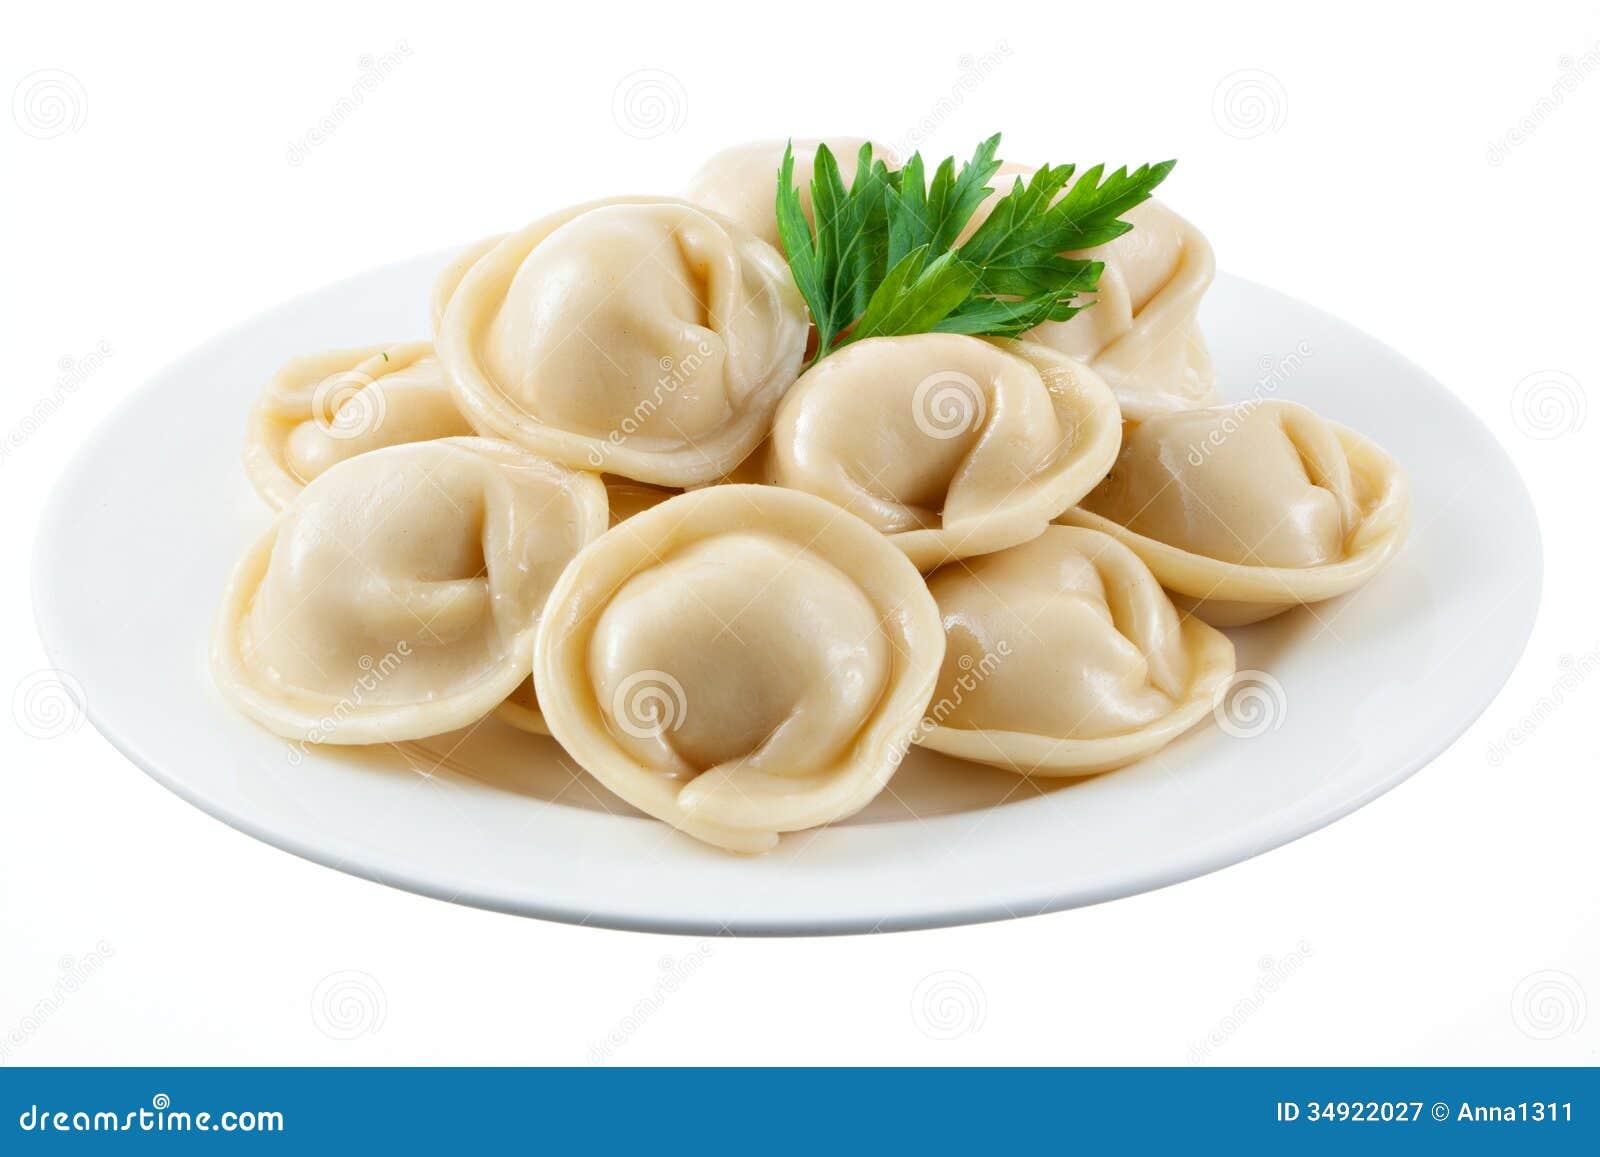 dumplings russian pelmeni pelmeni à la crème fraîche pelmeni ...